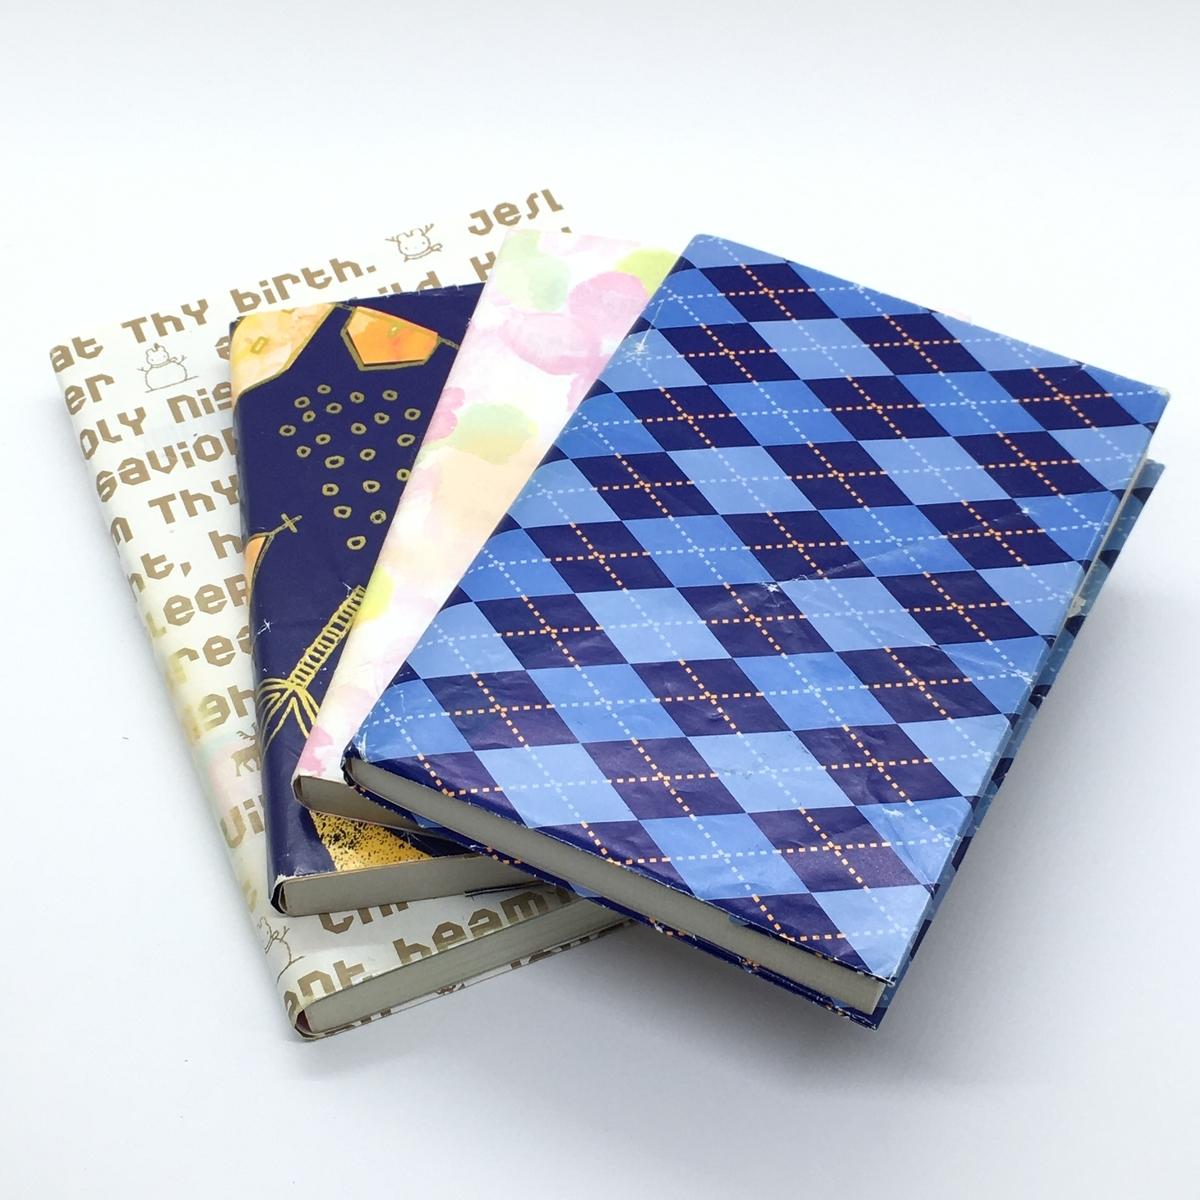 本に包装紙カバーを付ける際には内容に合わせてそのデザインを変えてもステキです